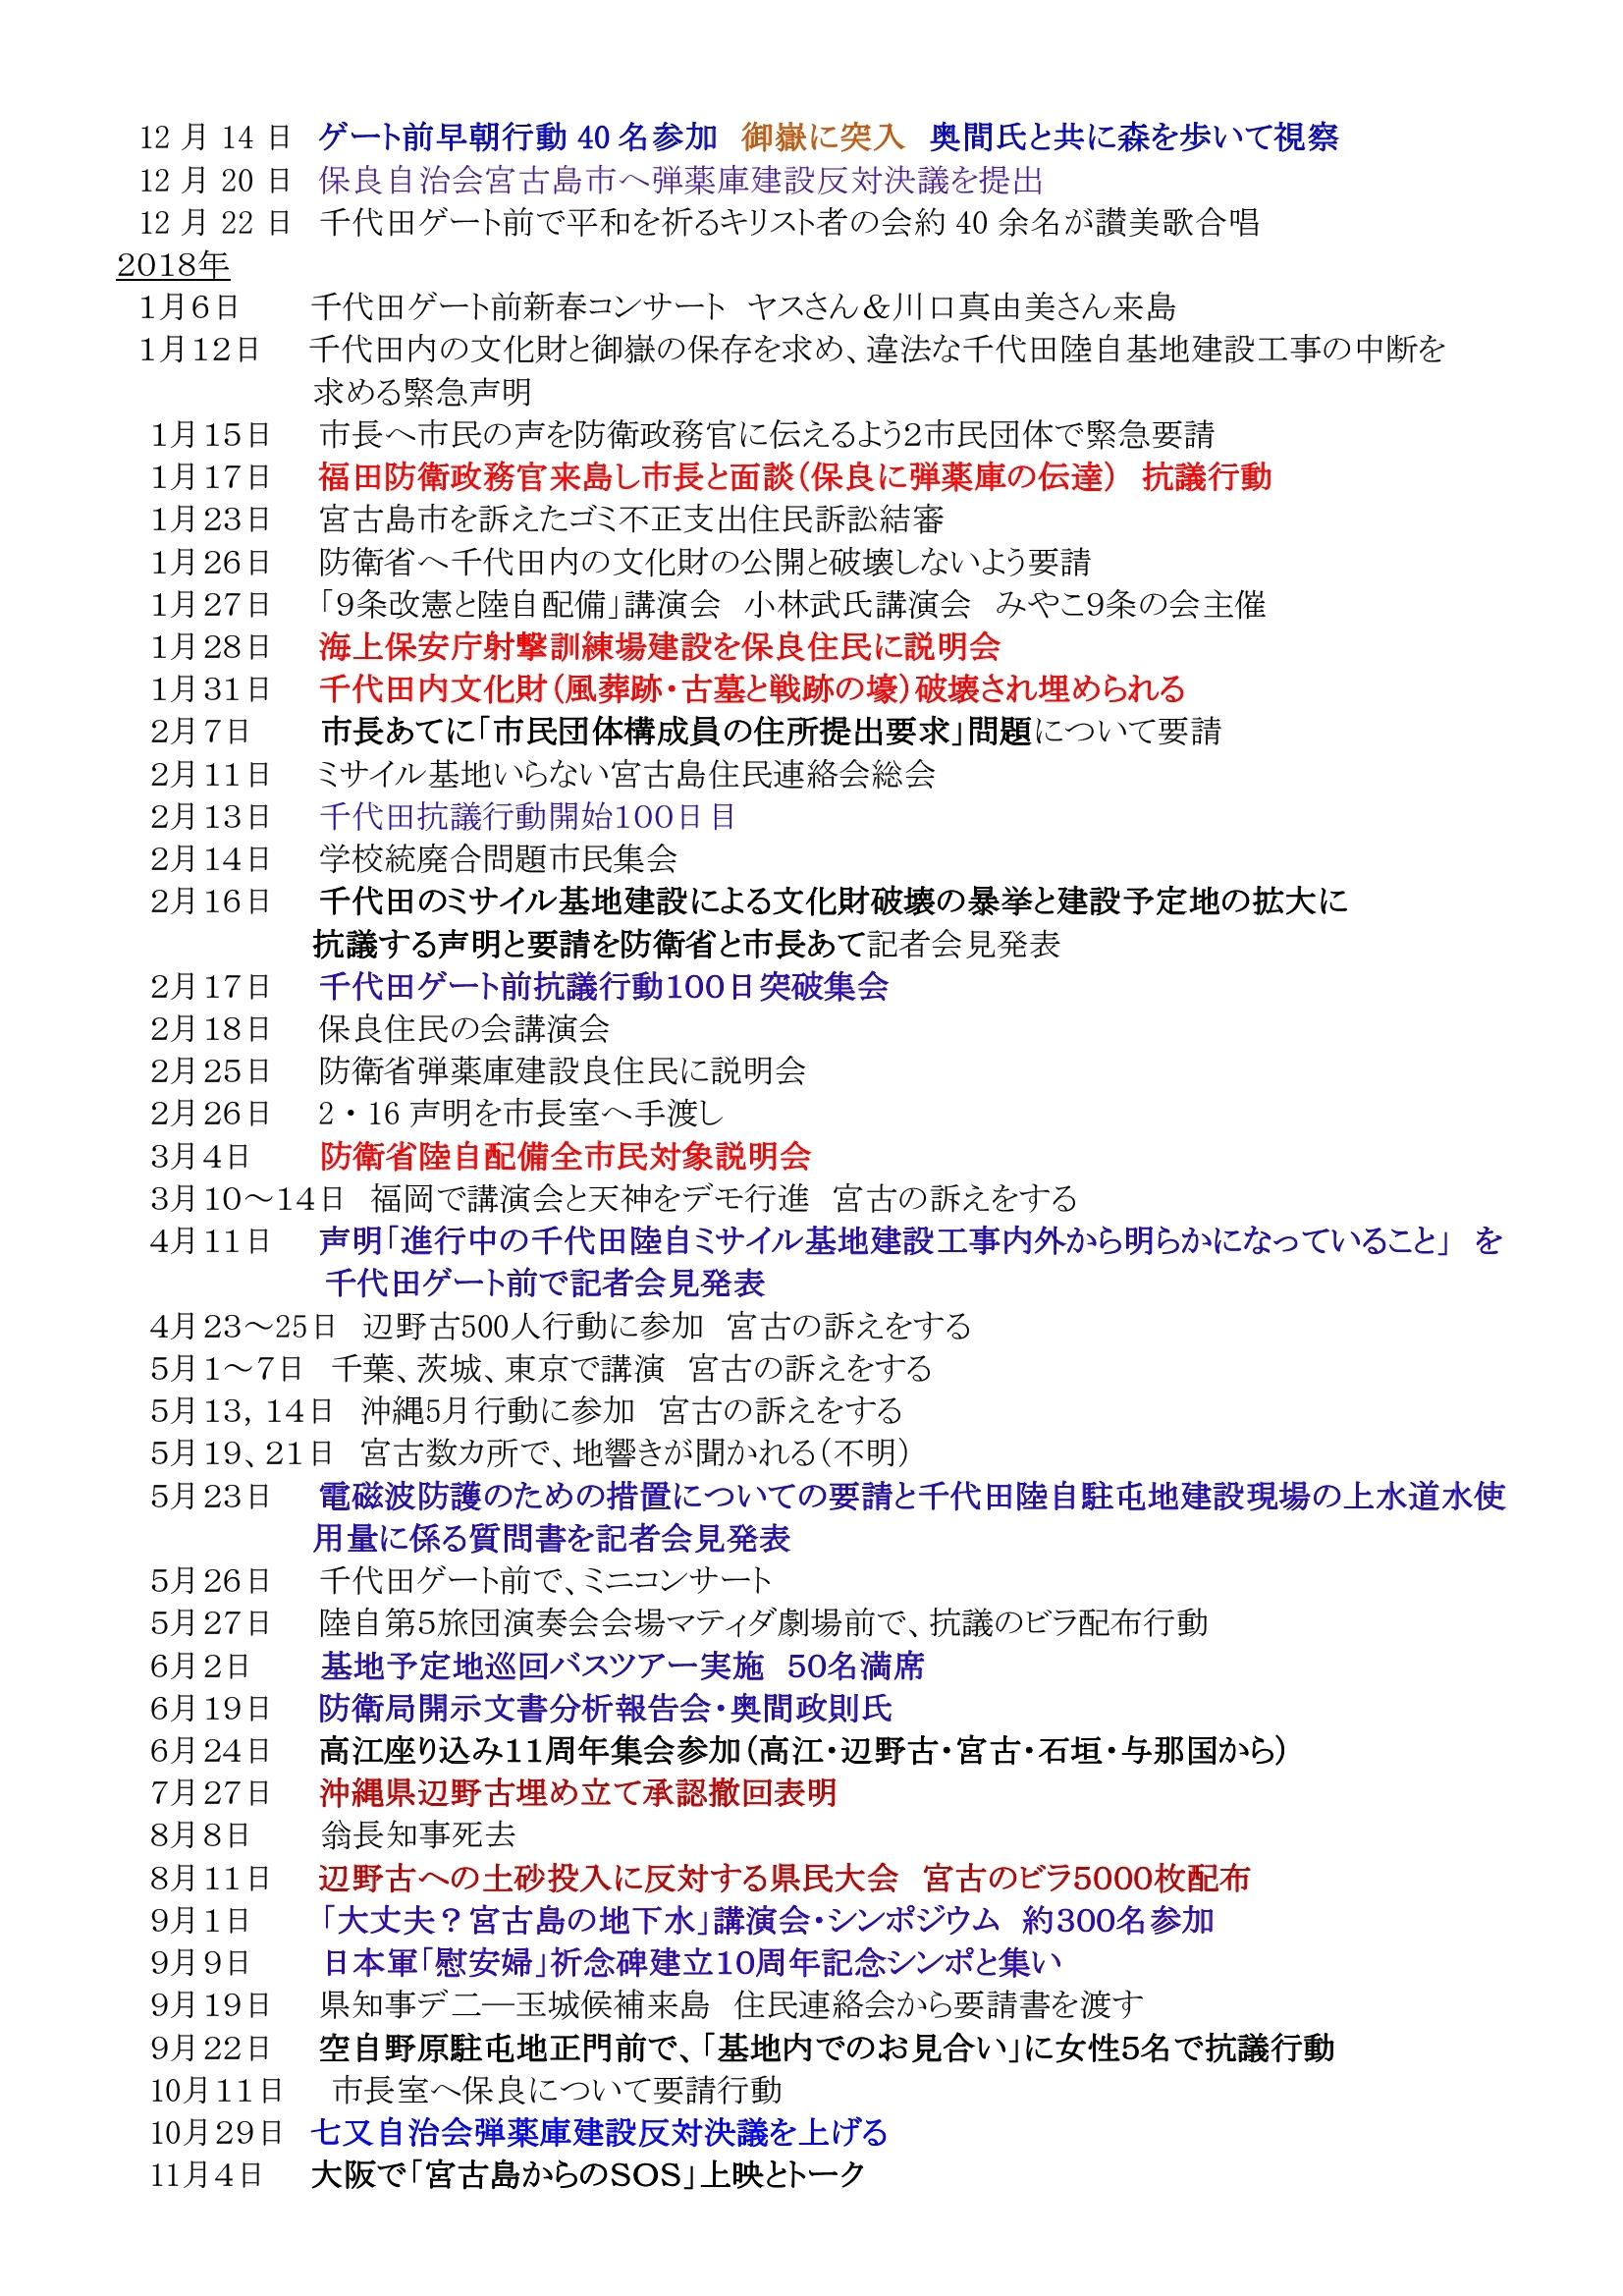 年表:宮古島における反軍反基地の闘い2010~2019 (1)0009